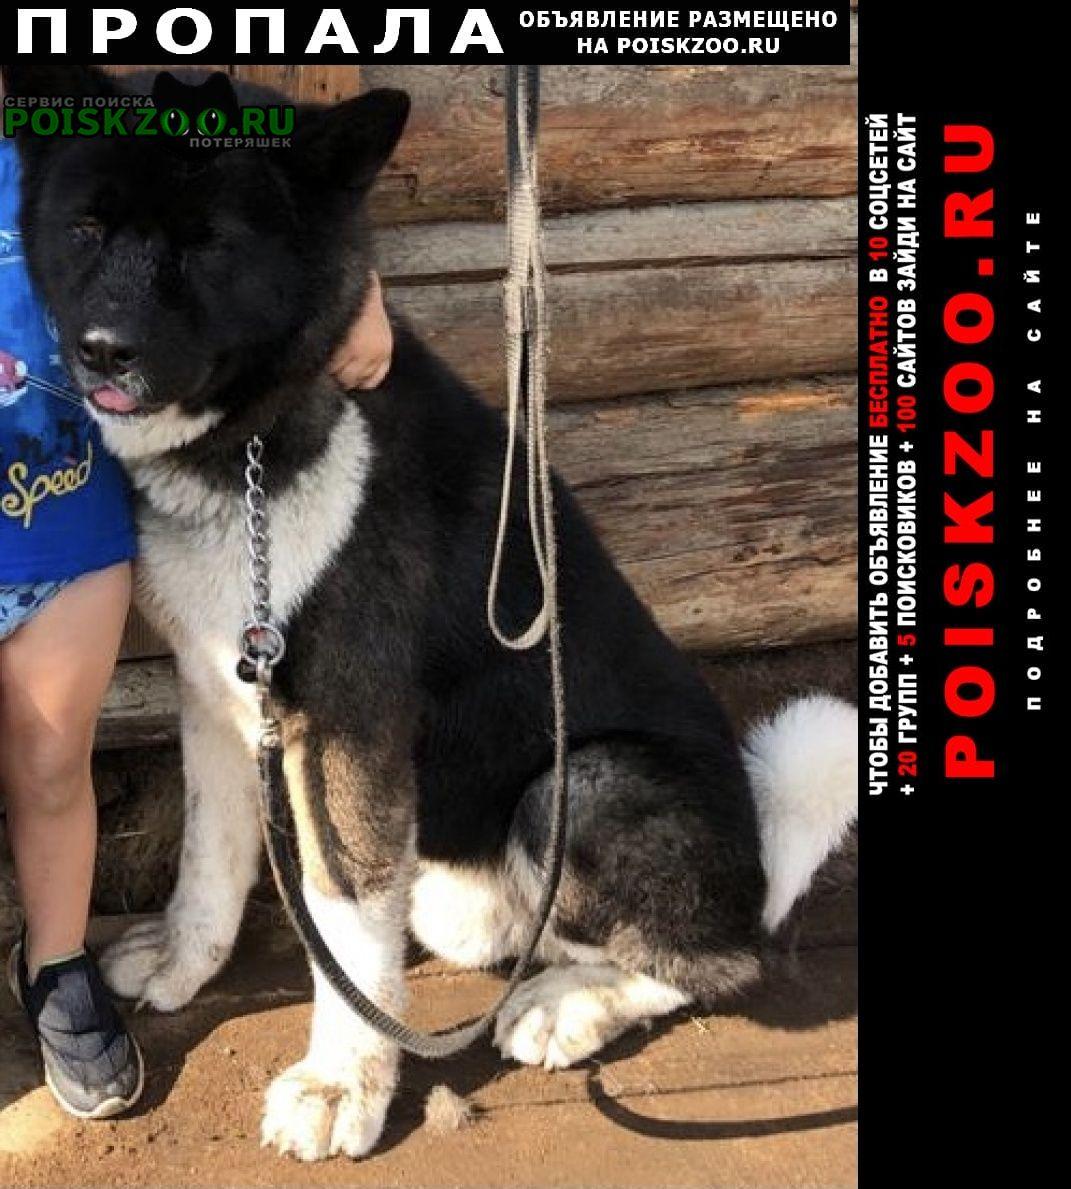 Пропала собака Среднеуральск